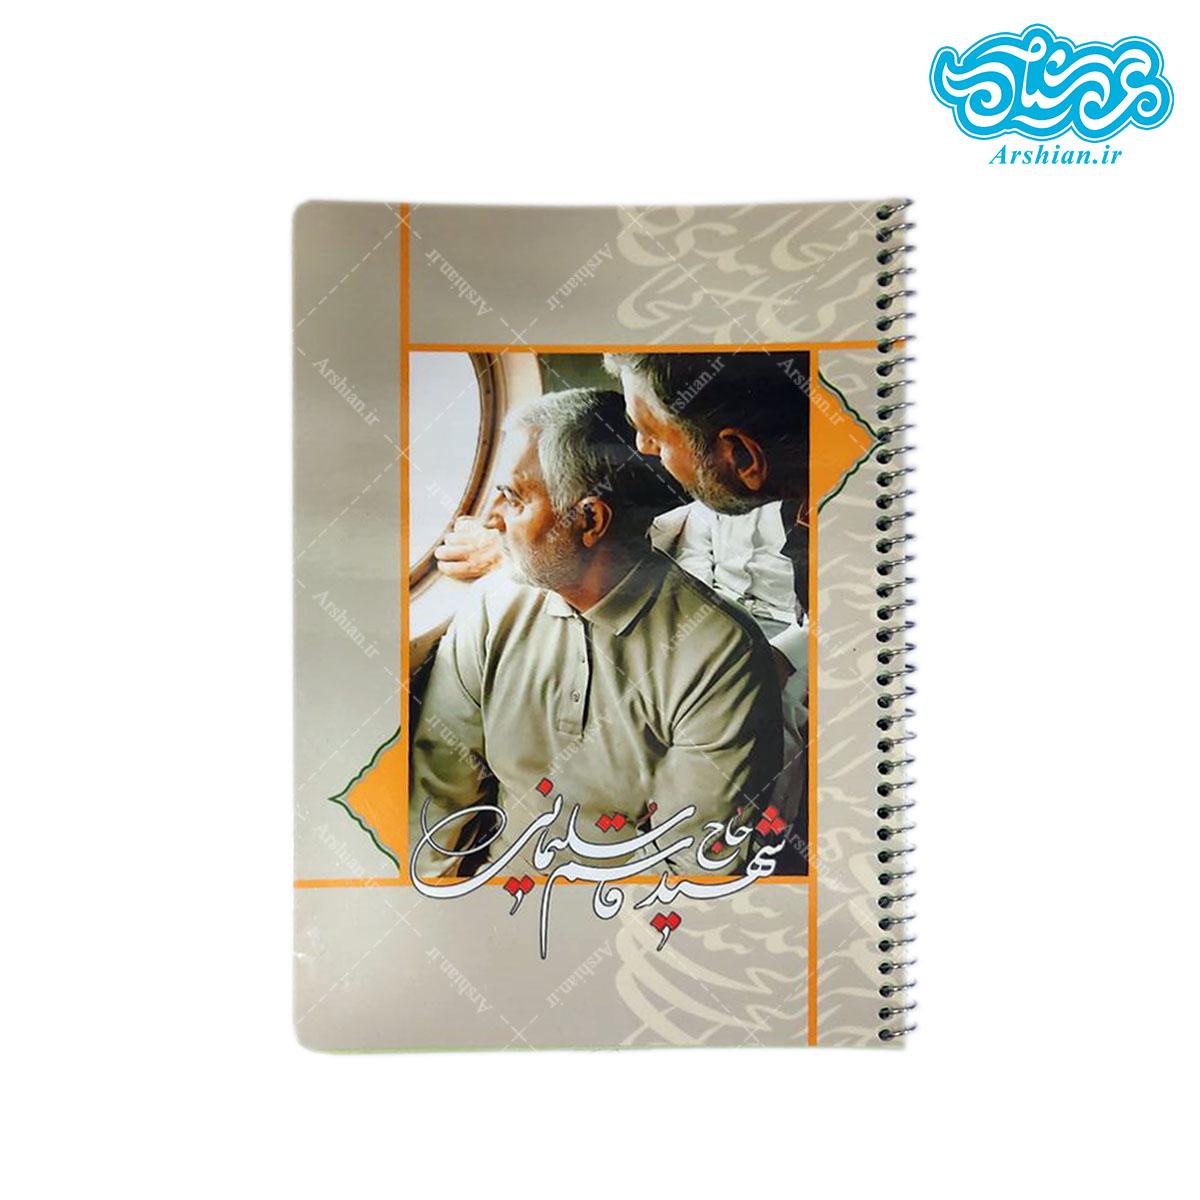 دفتر 50 برگ طرح حاج قاسم سلیمانی کد010